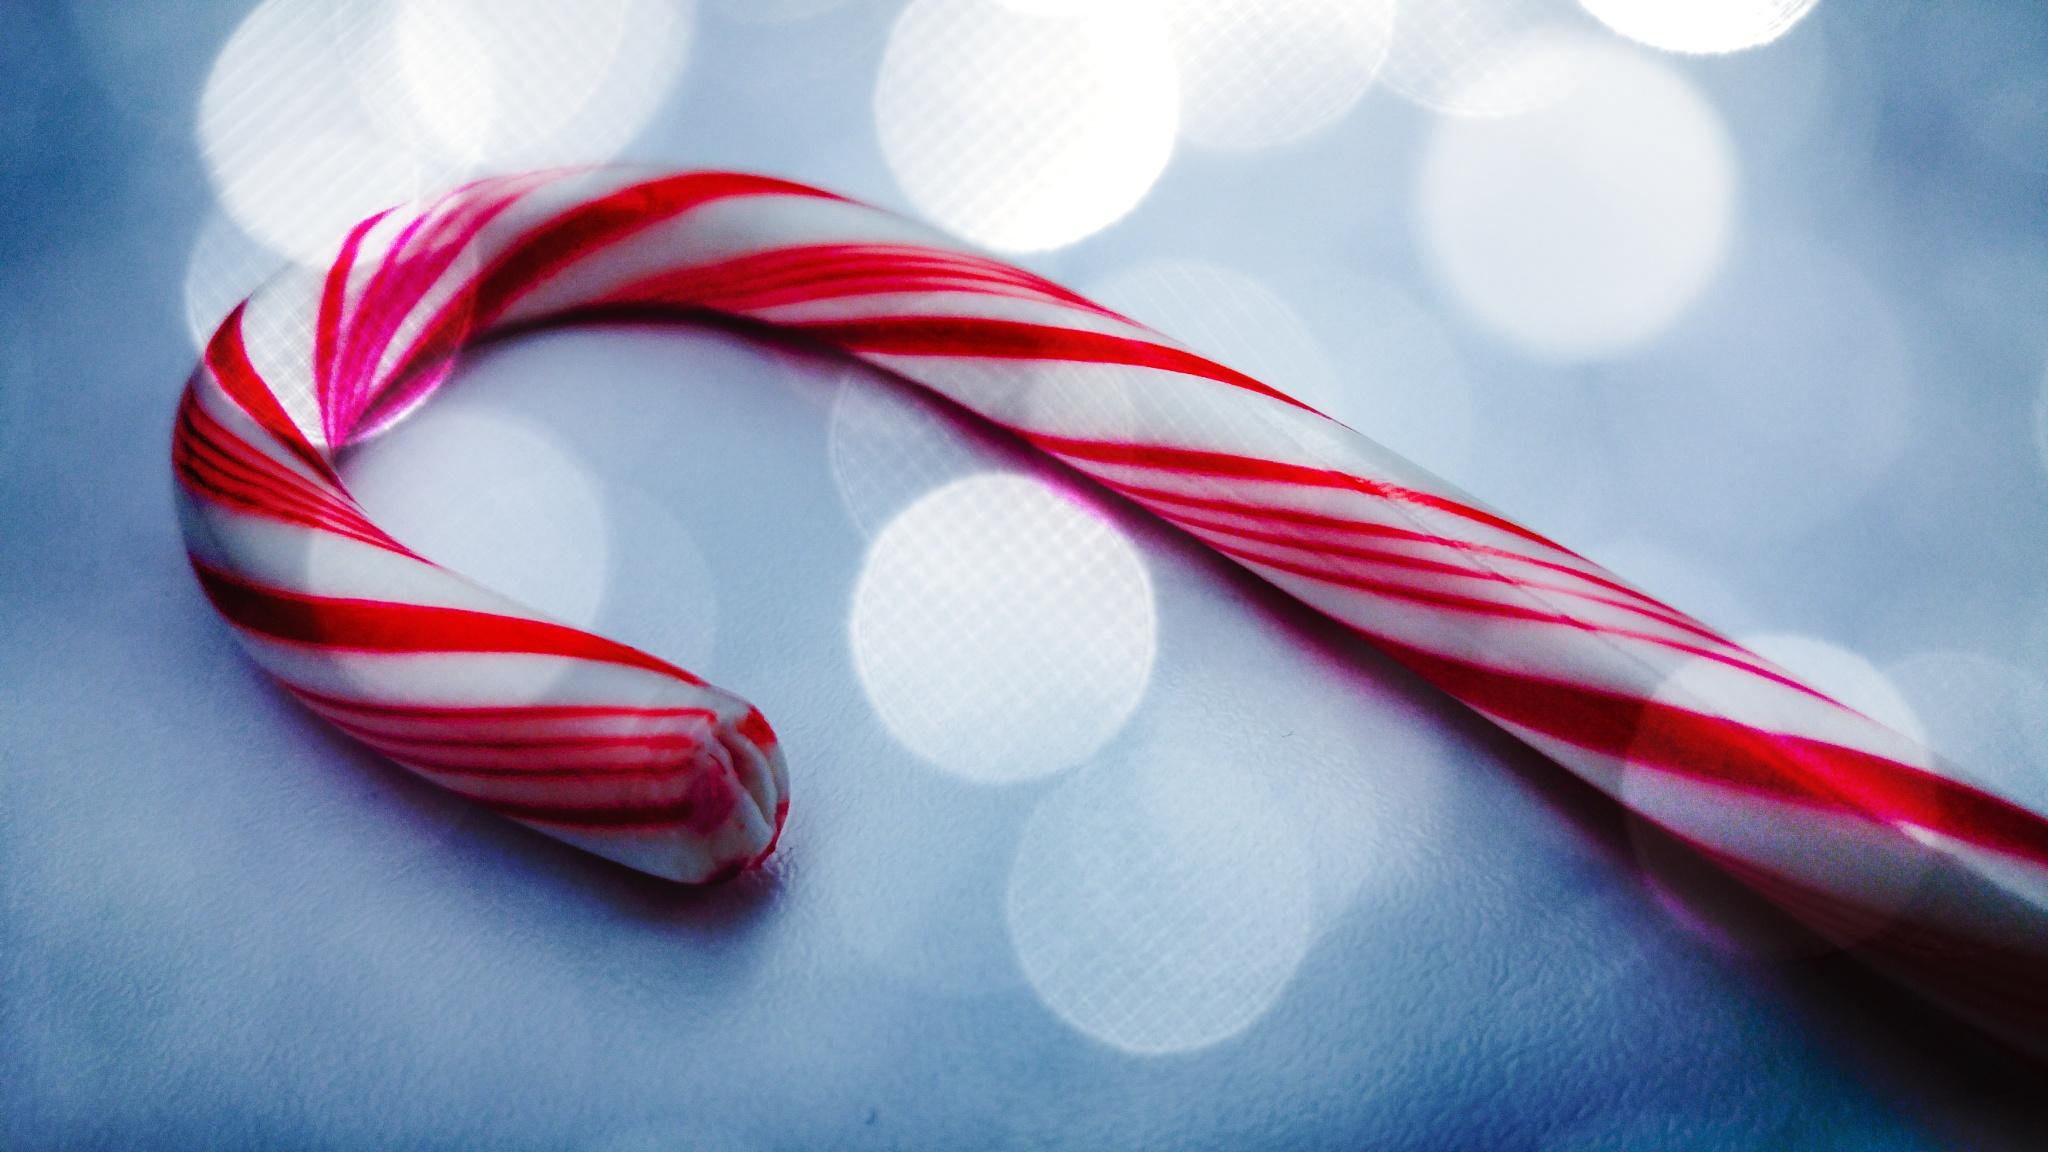 Christmas Cane by Erika Kehlet